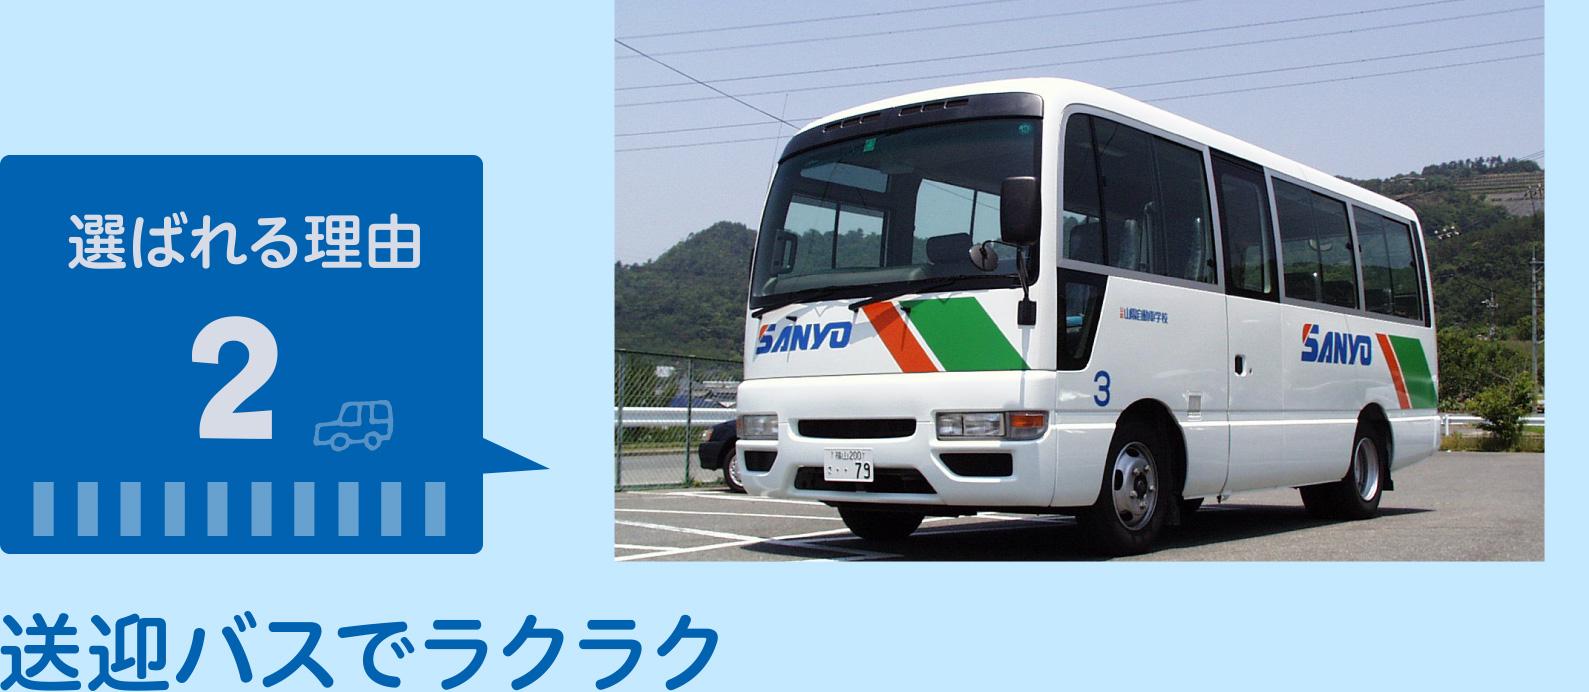 選ばれる理由2.送迎バスでラクラク